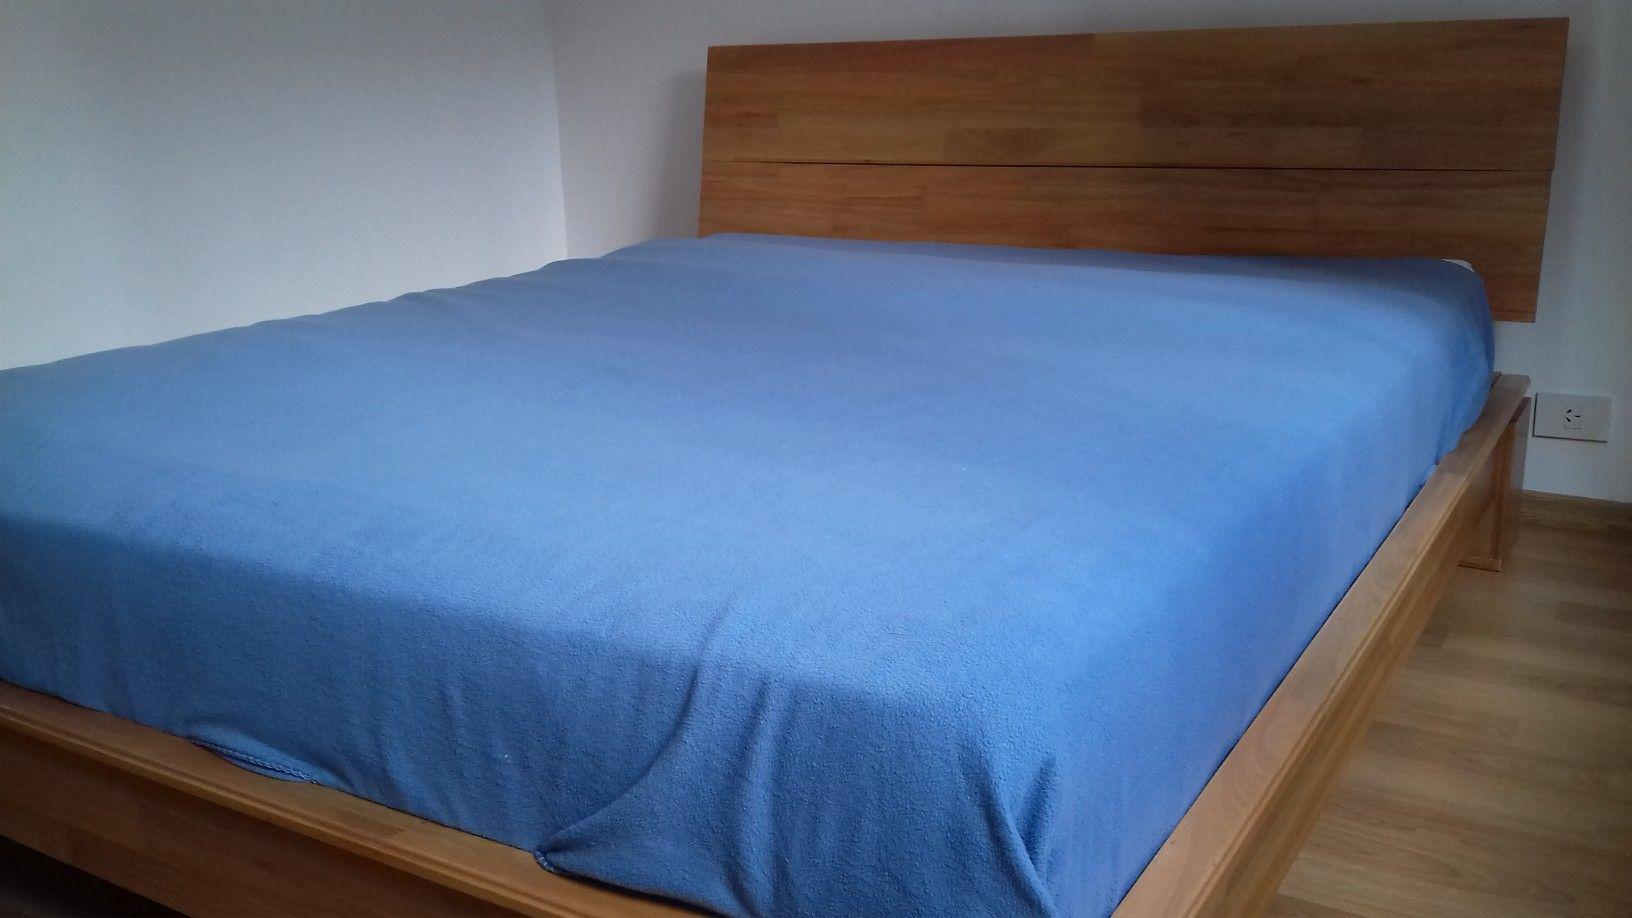 Cama Oriental Con Respaldo Con Laqueado Transparente Diseñamos El Dormitorio A Tu Gusto Diferentes Medidas Modelos Y Colores Furniture Bed Home